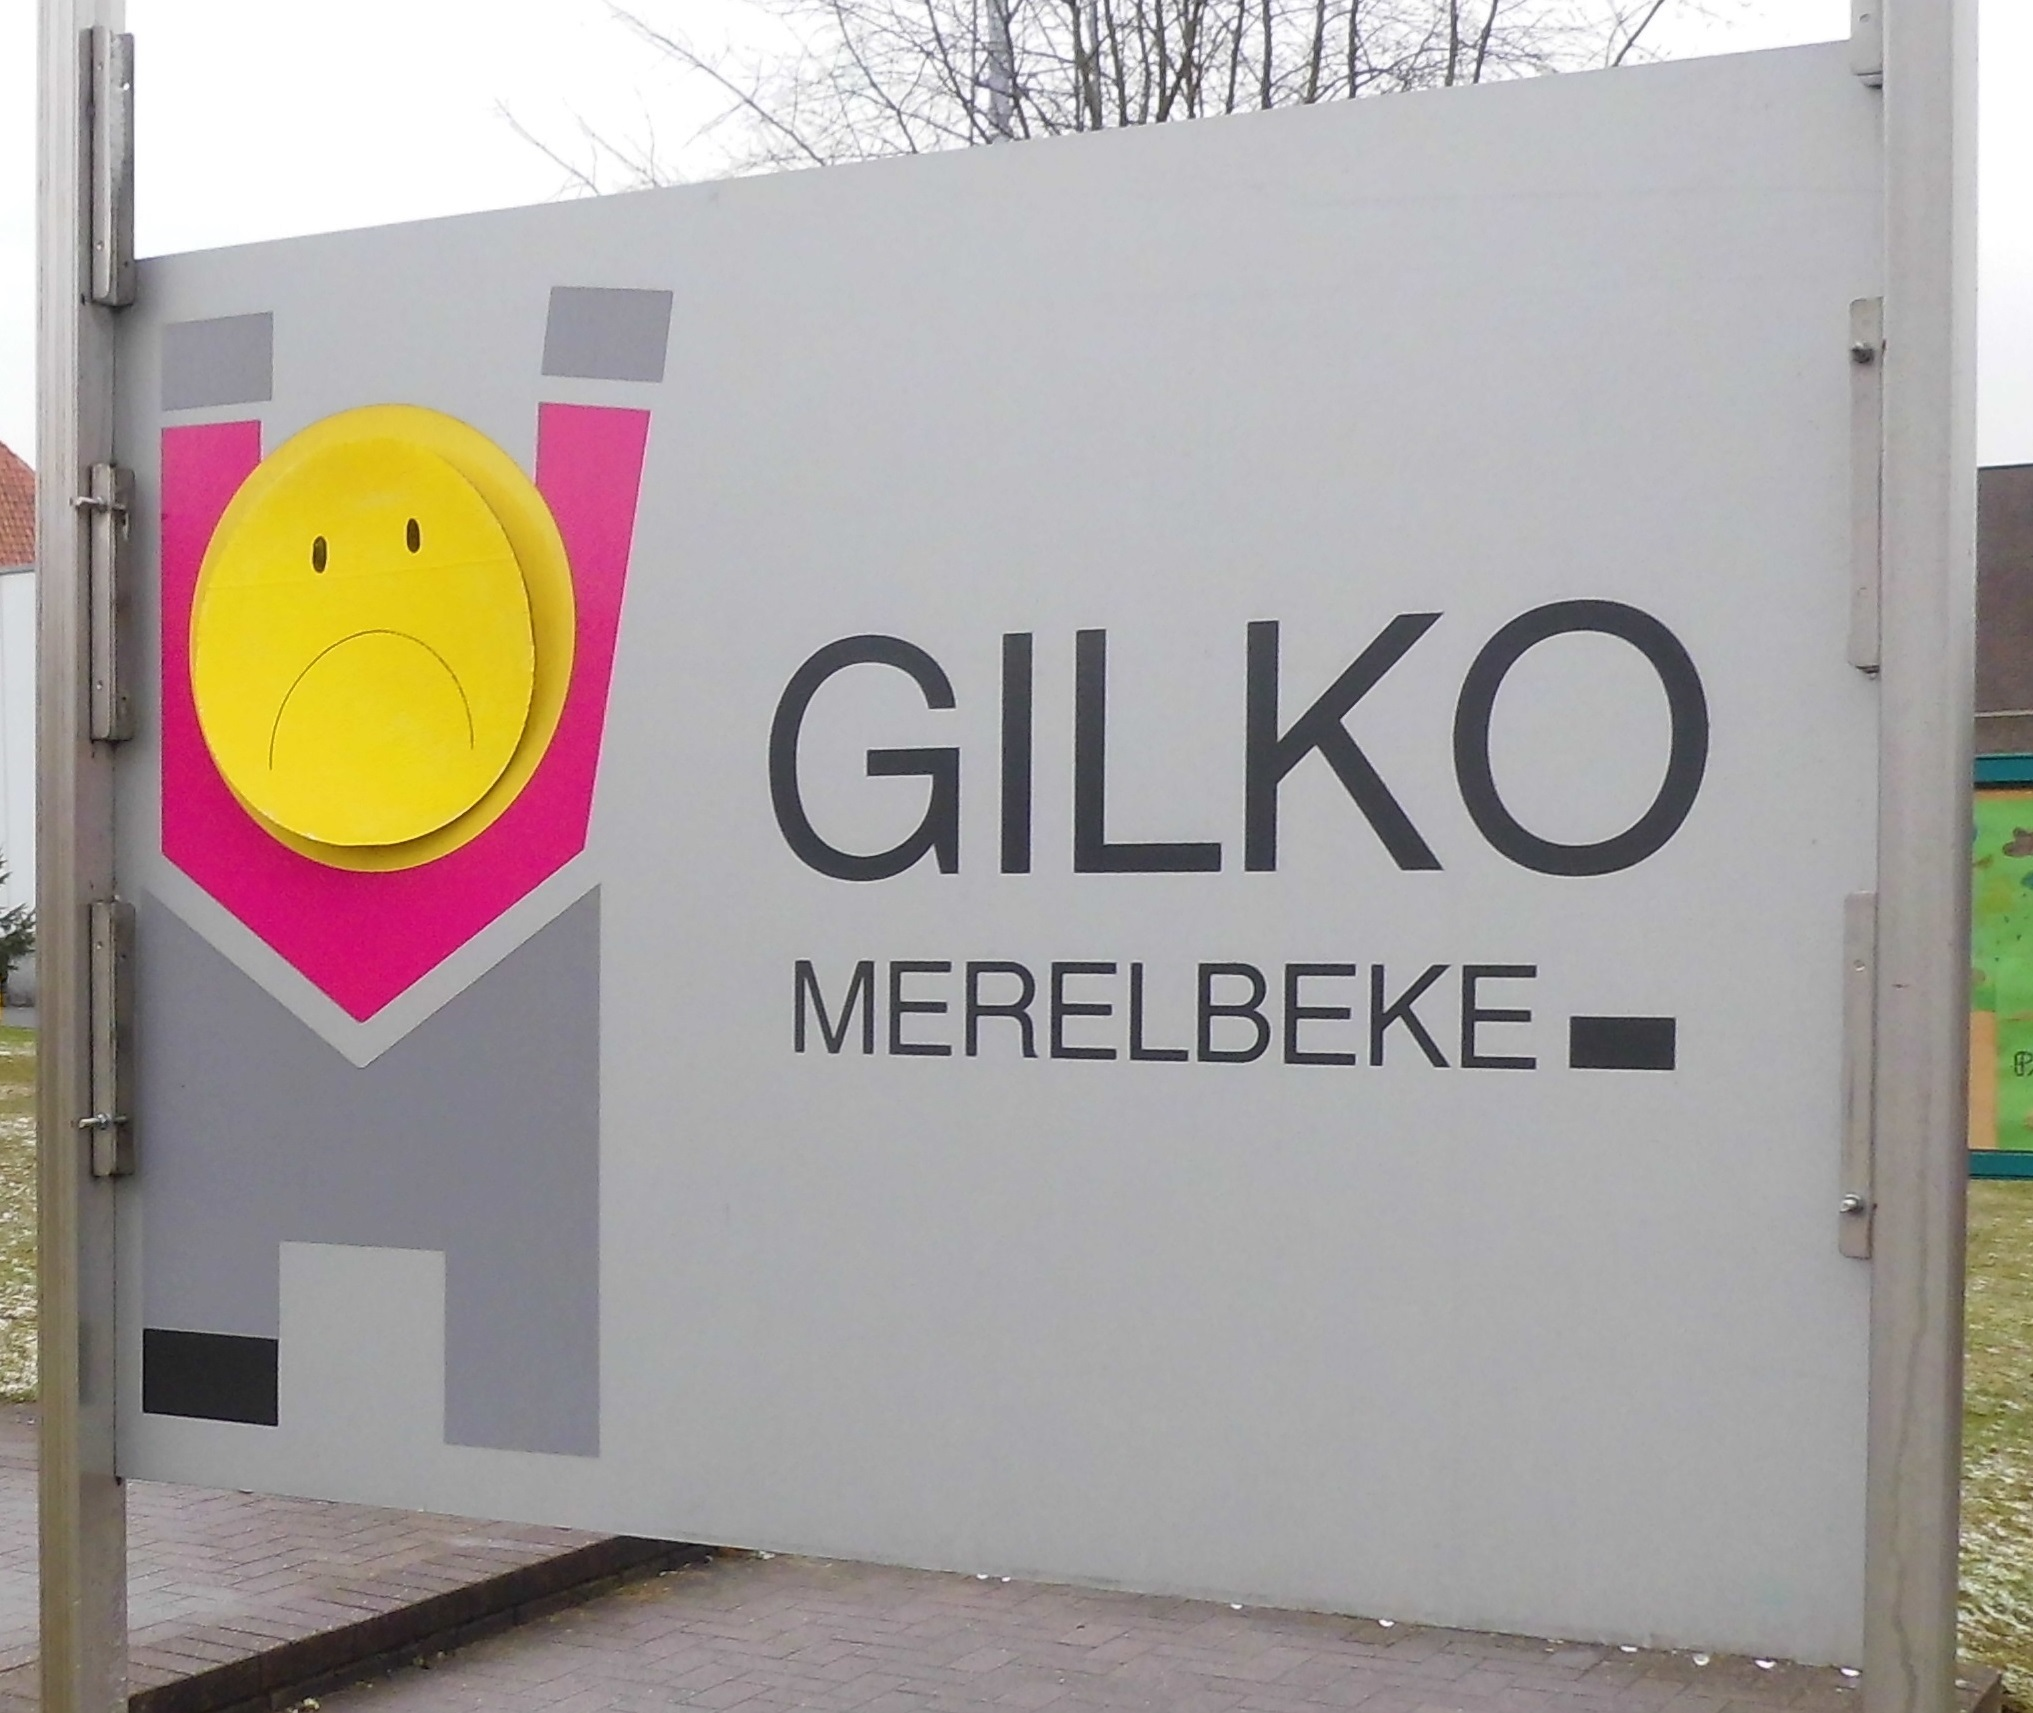 GILKO OP DE FOTO